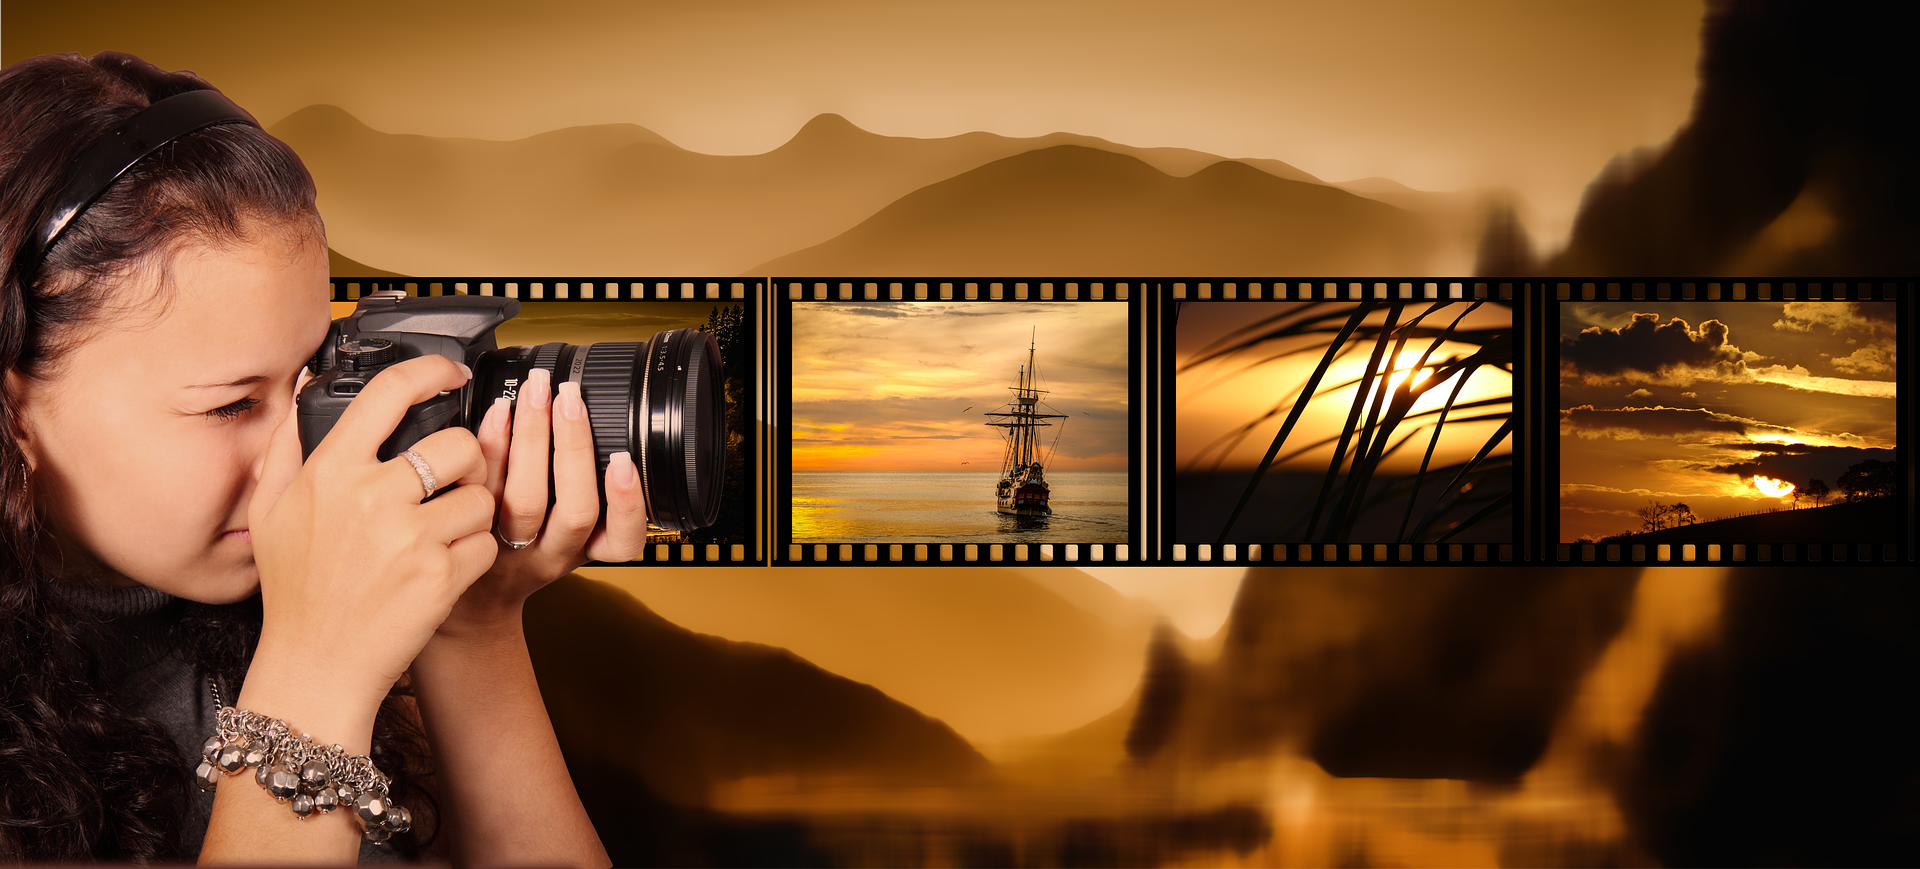 Nyttiga tips för nybörjarfotografen